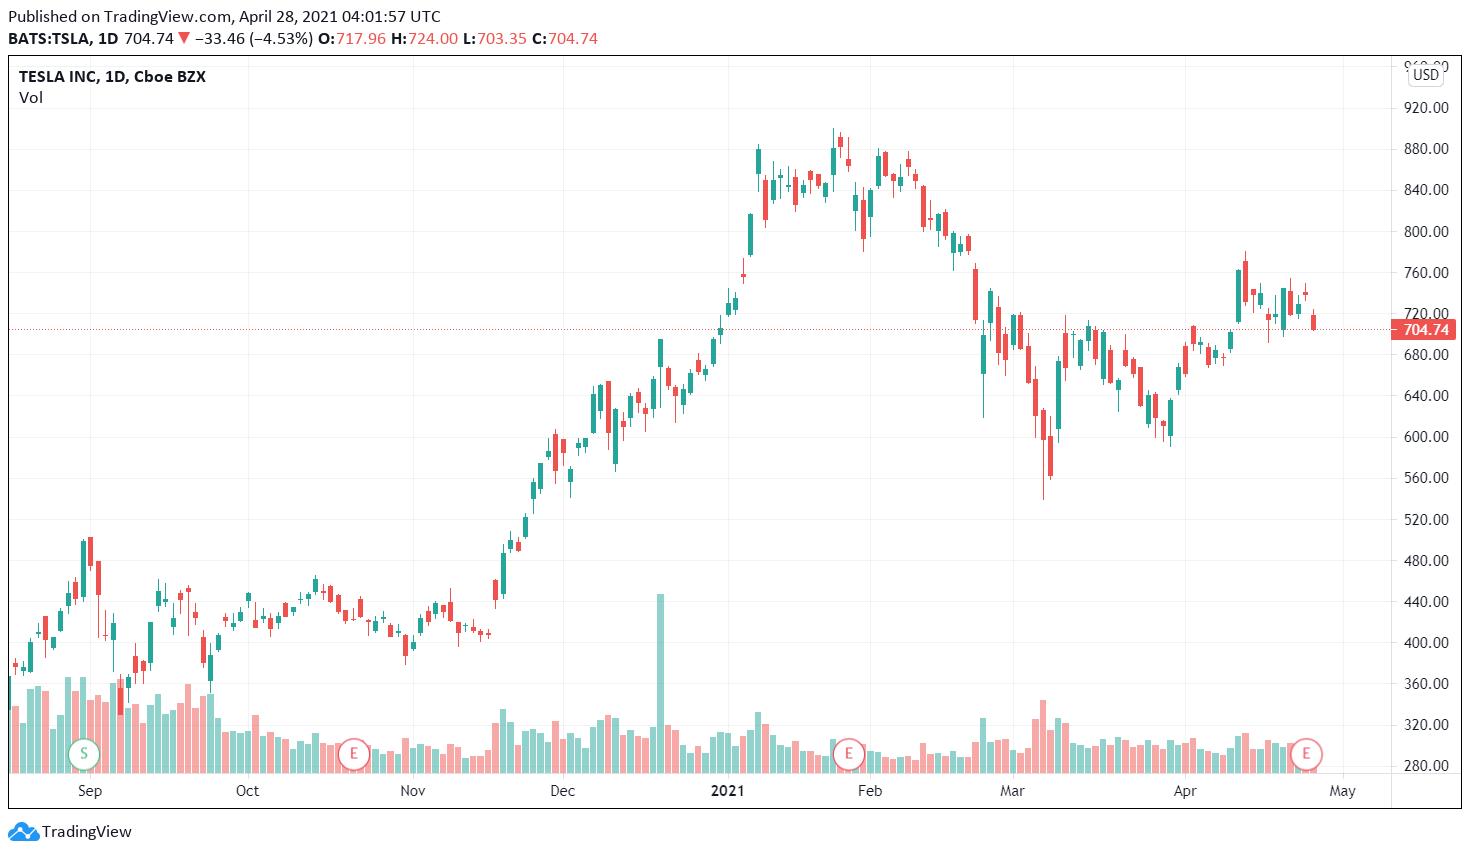 Wall Street Tesla